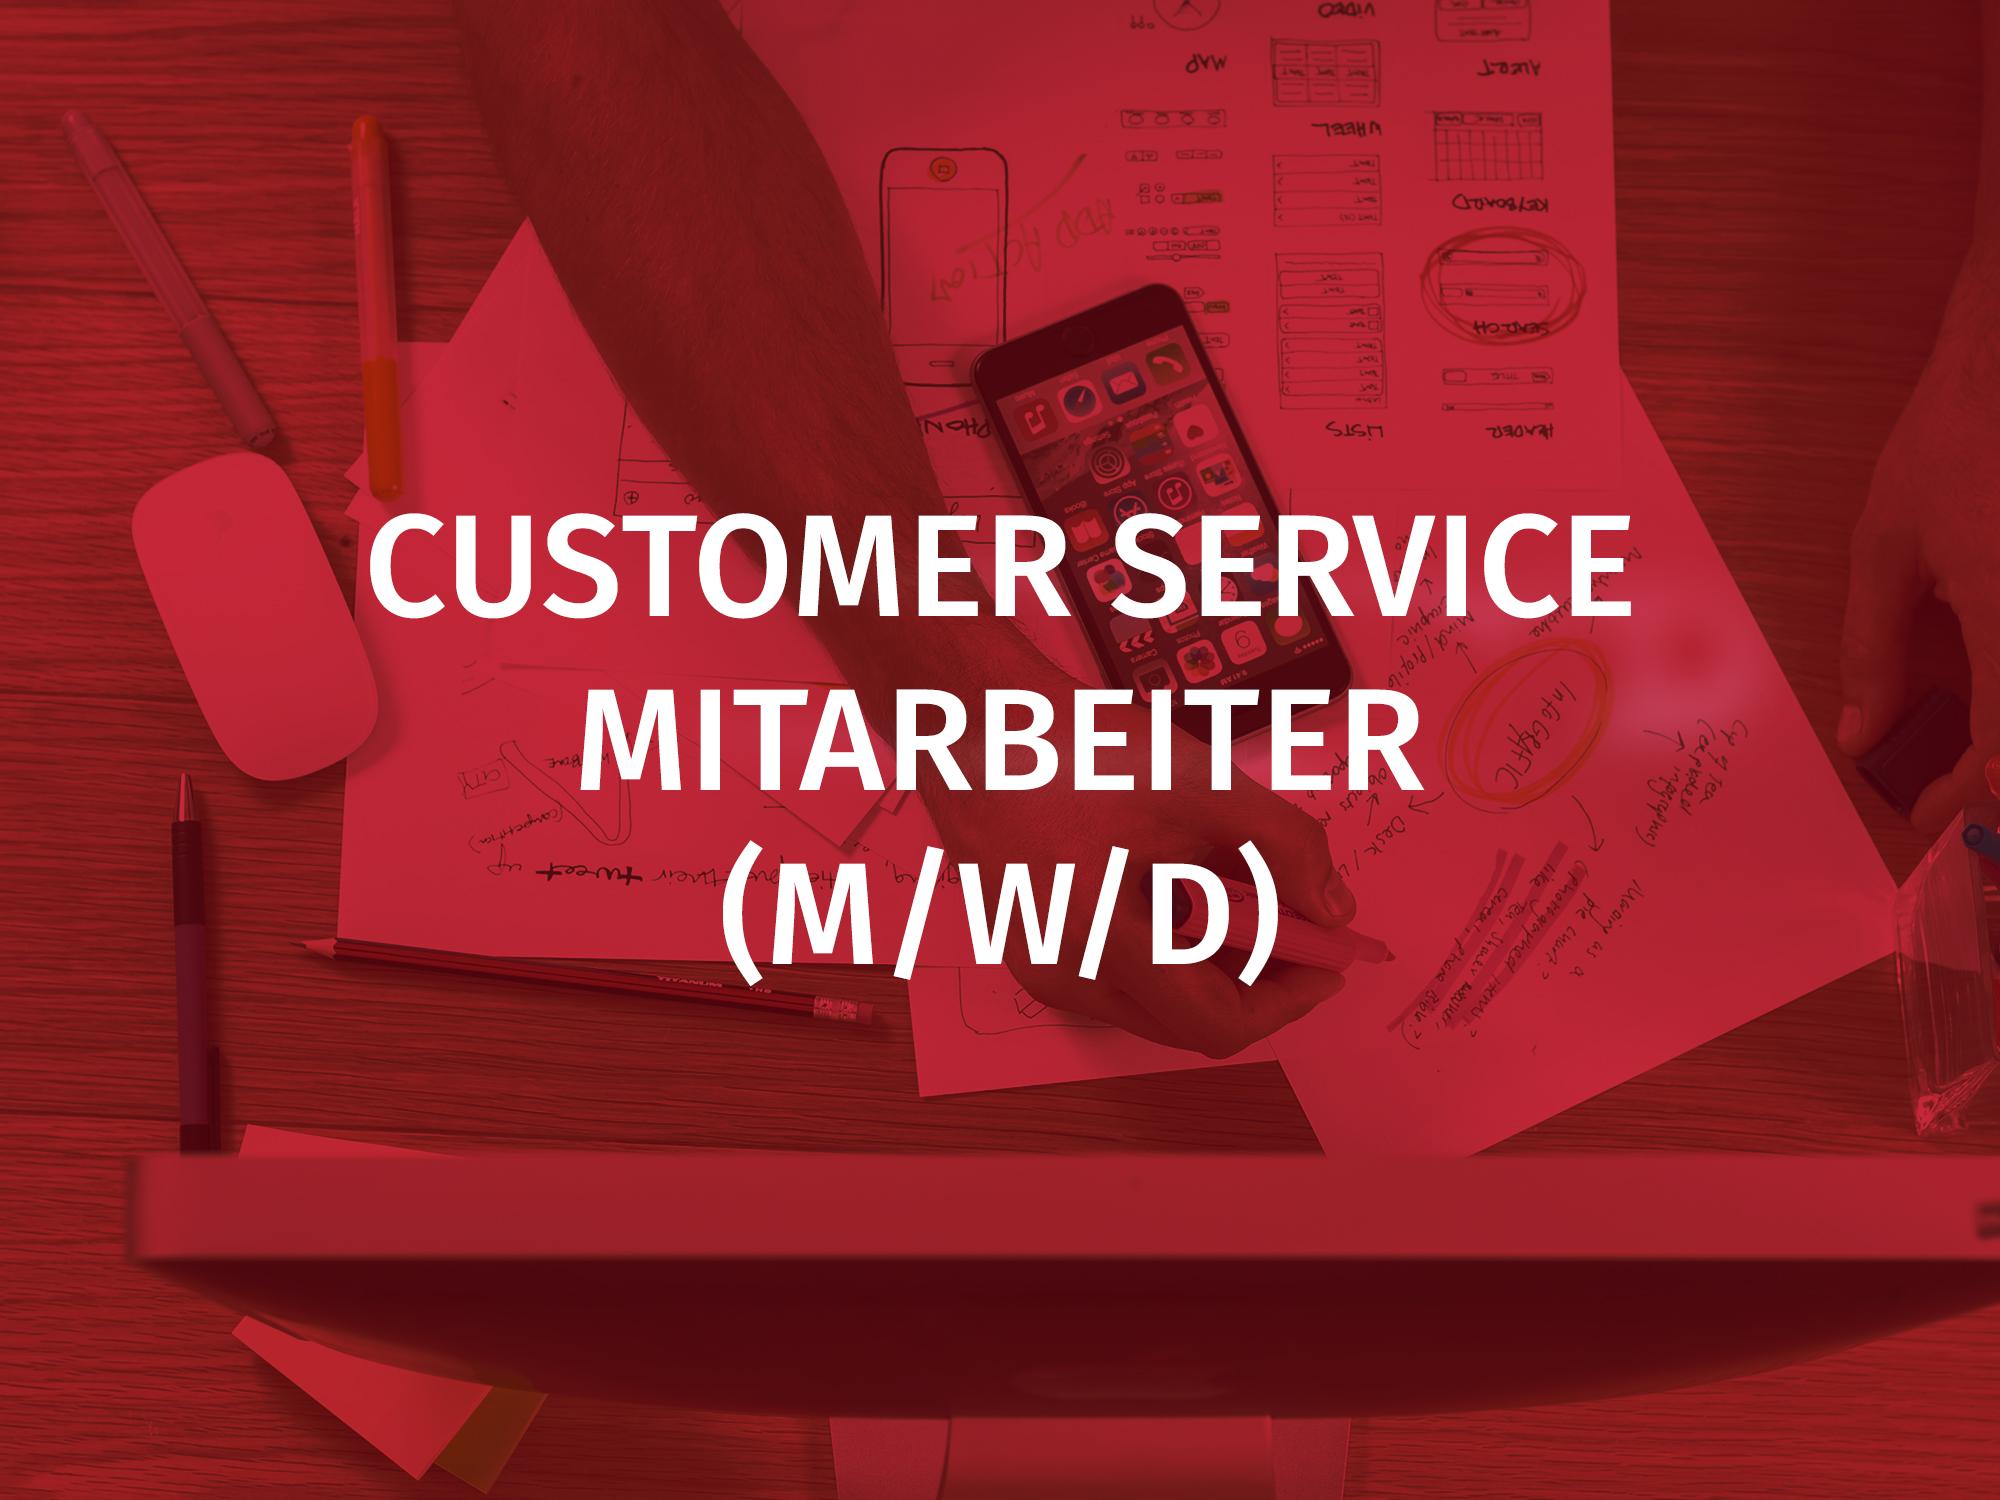 customer service mitarbeiter